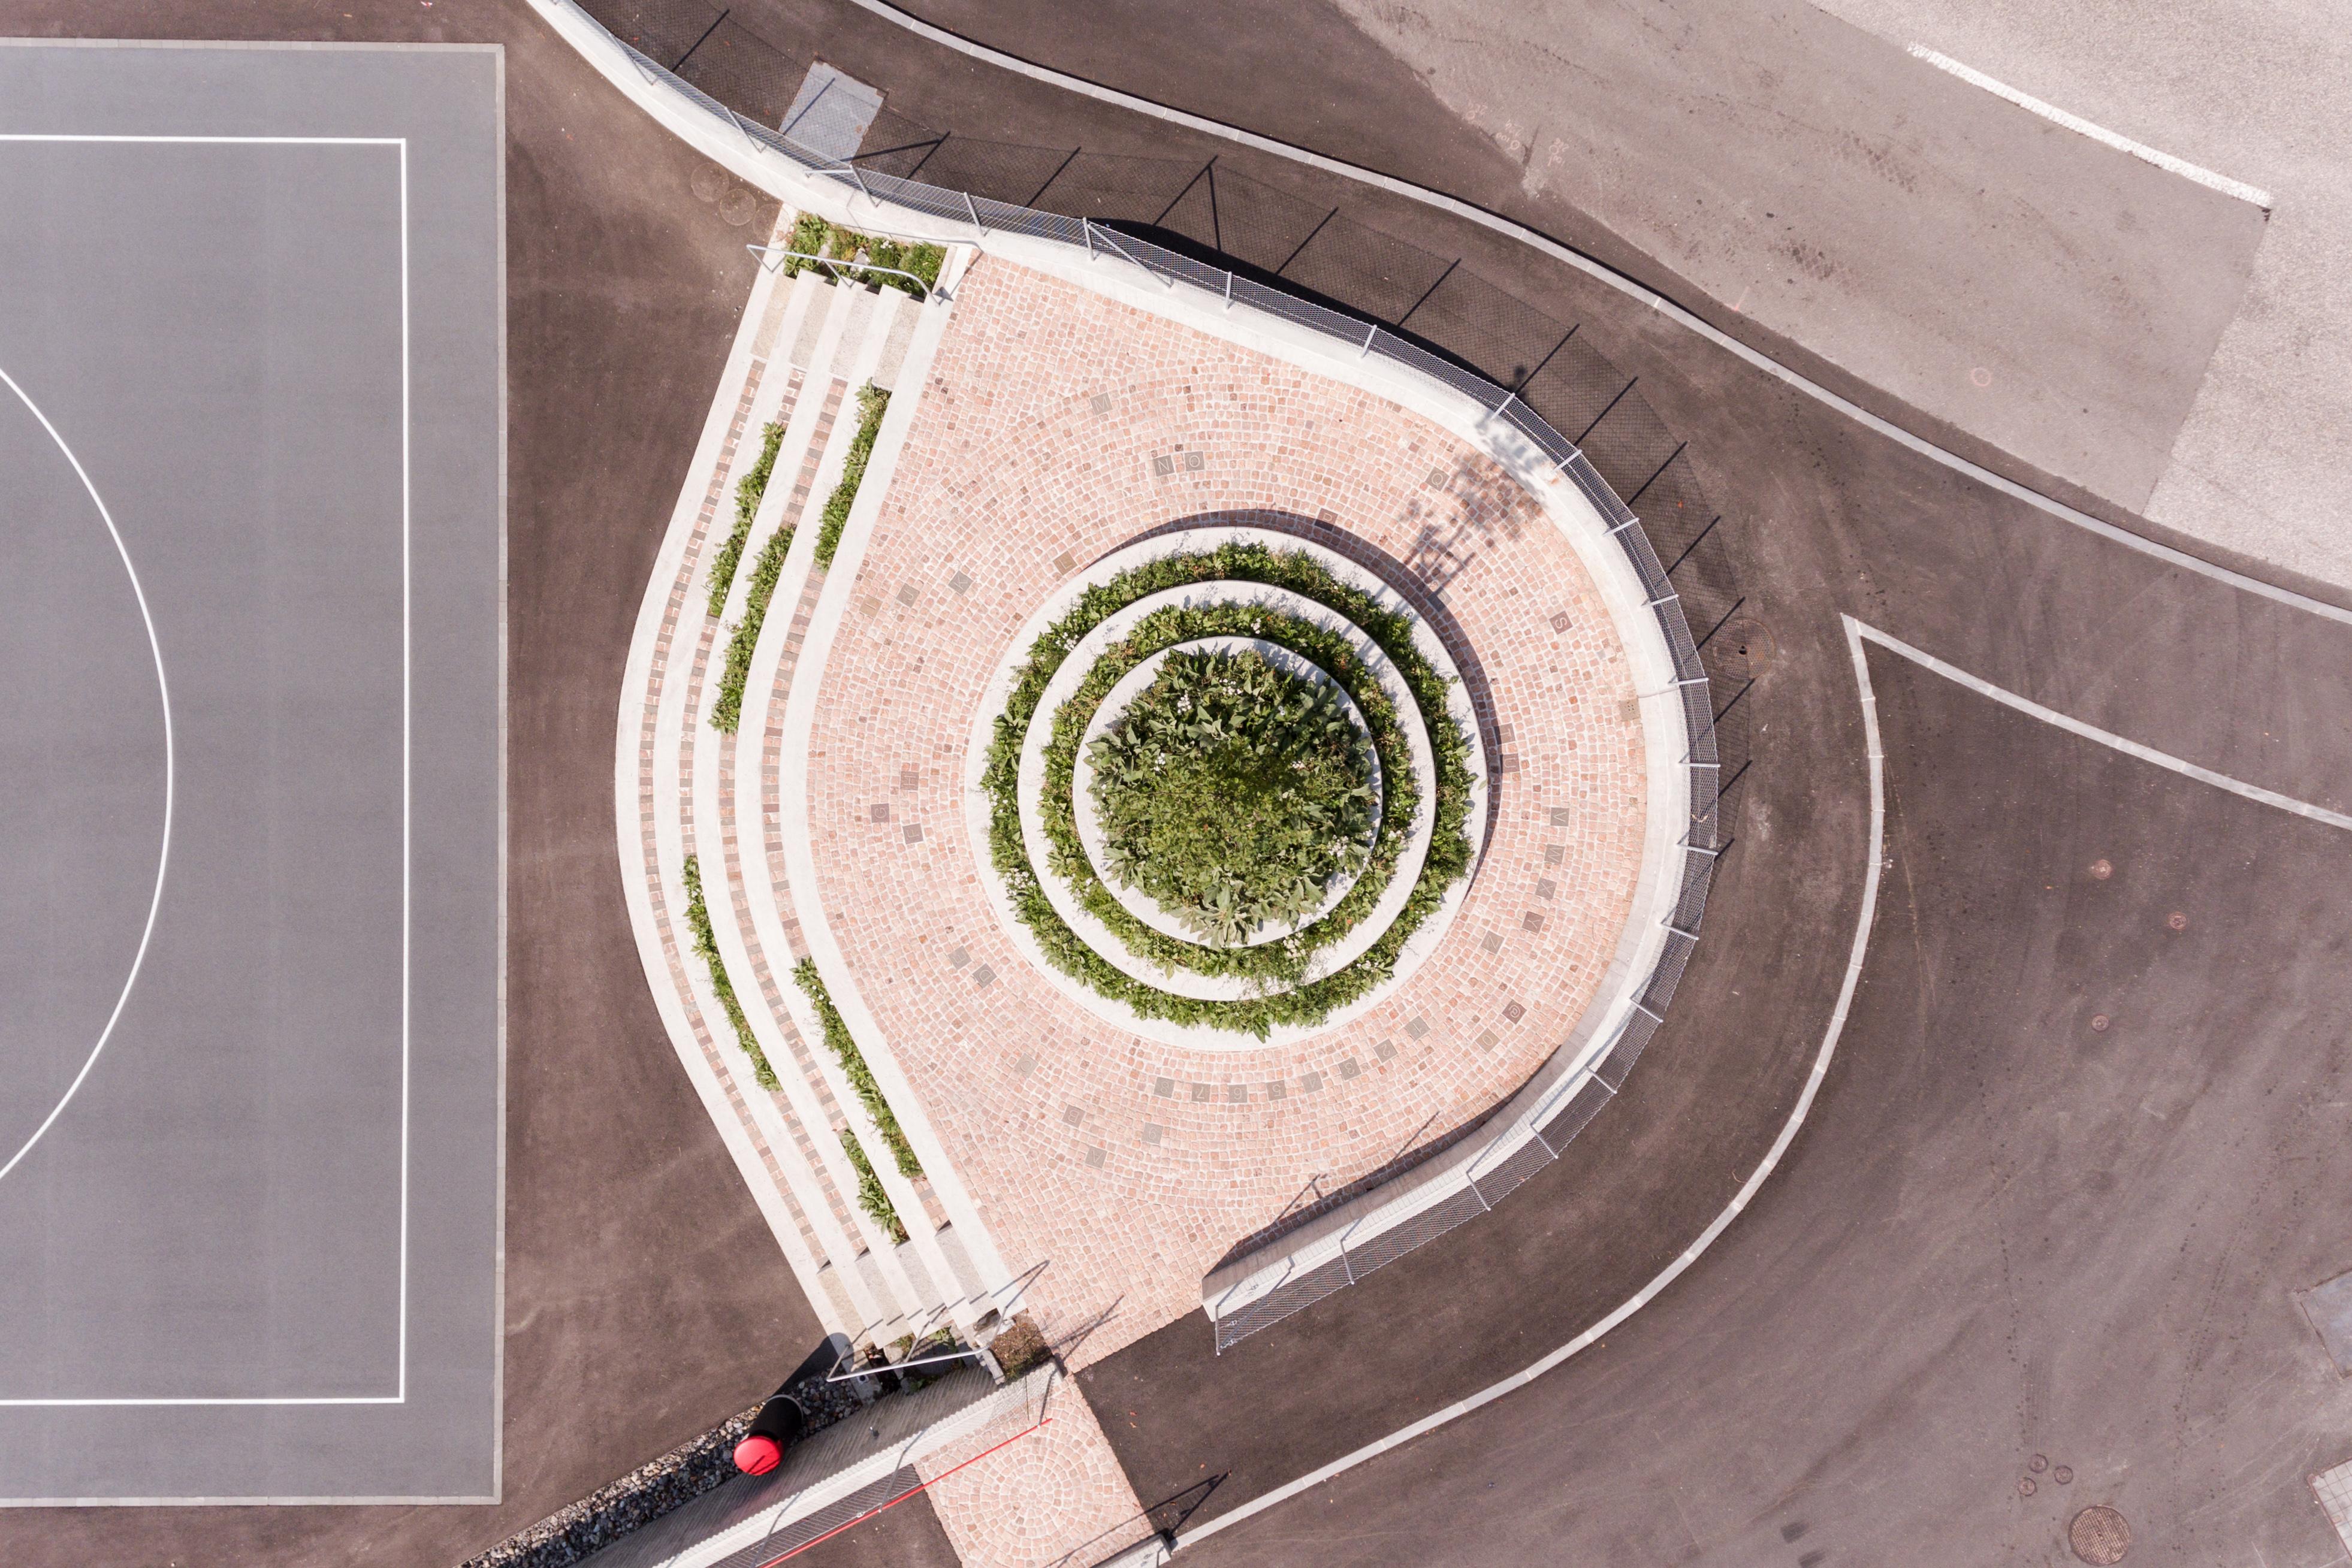 Nuova Piazza Sonvico - Enrico Sassi Architetto - Photo ALberto Canepa